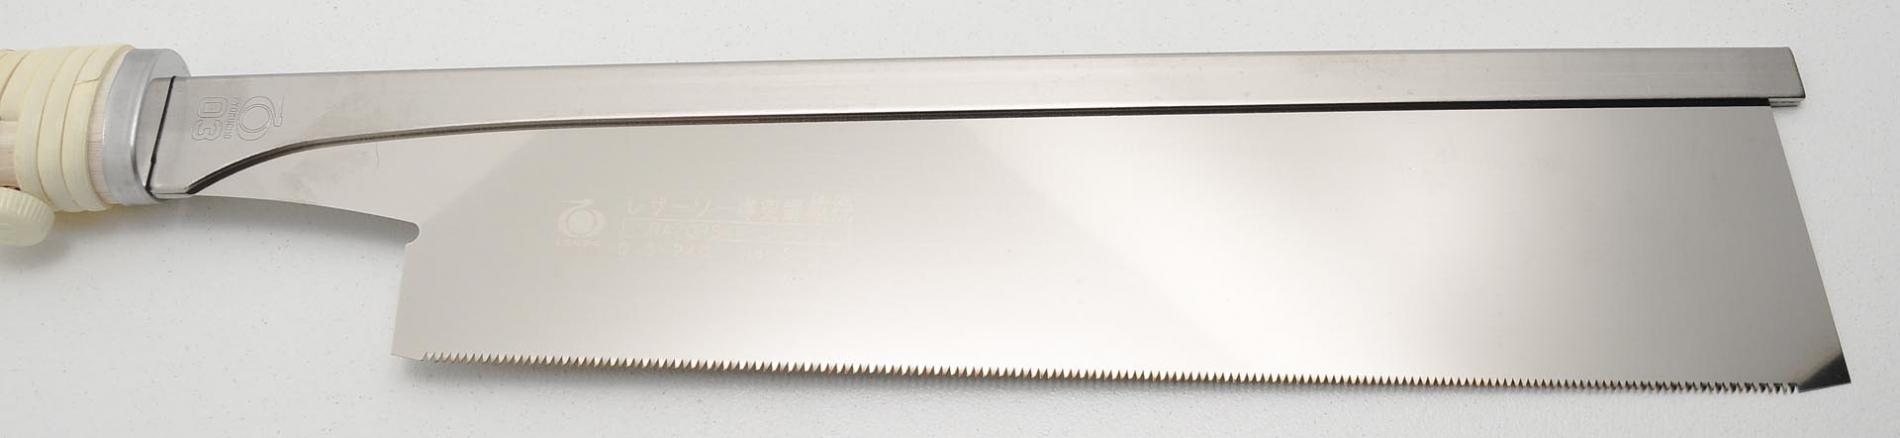 RS372-Sierra Costillar Japones Dozuki cola de milano 20TPI 240mm Gyokucho 372-max-3.